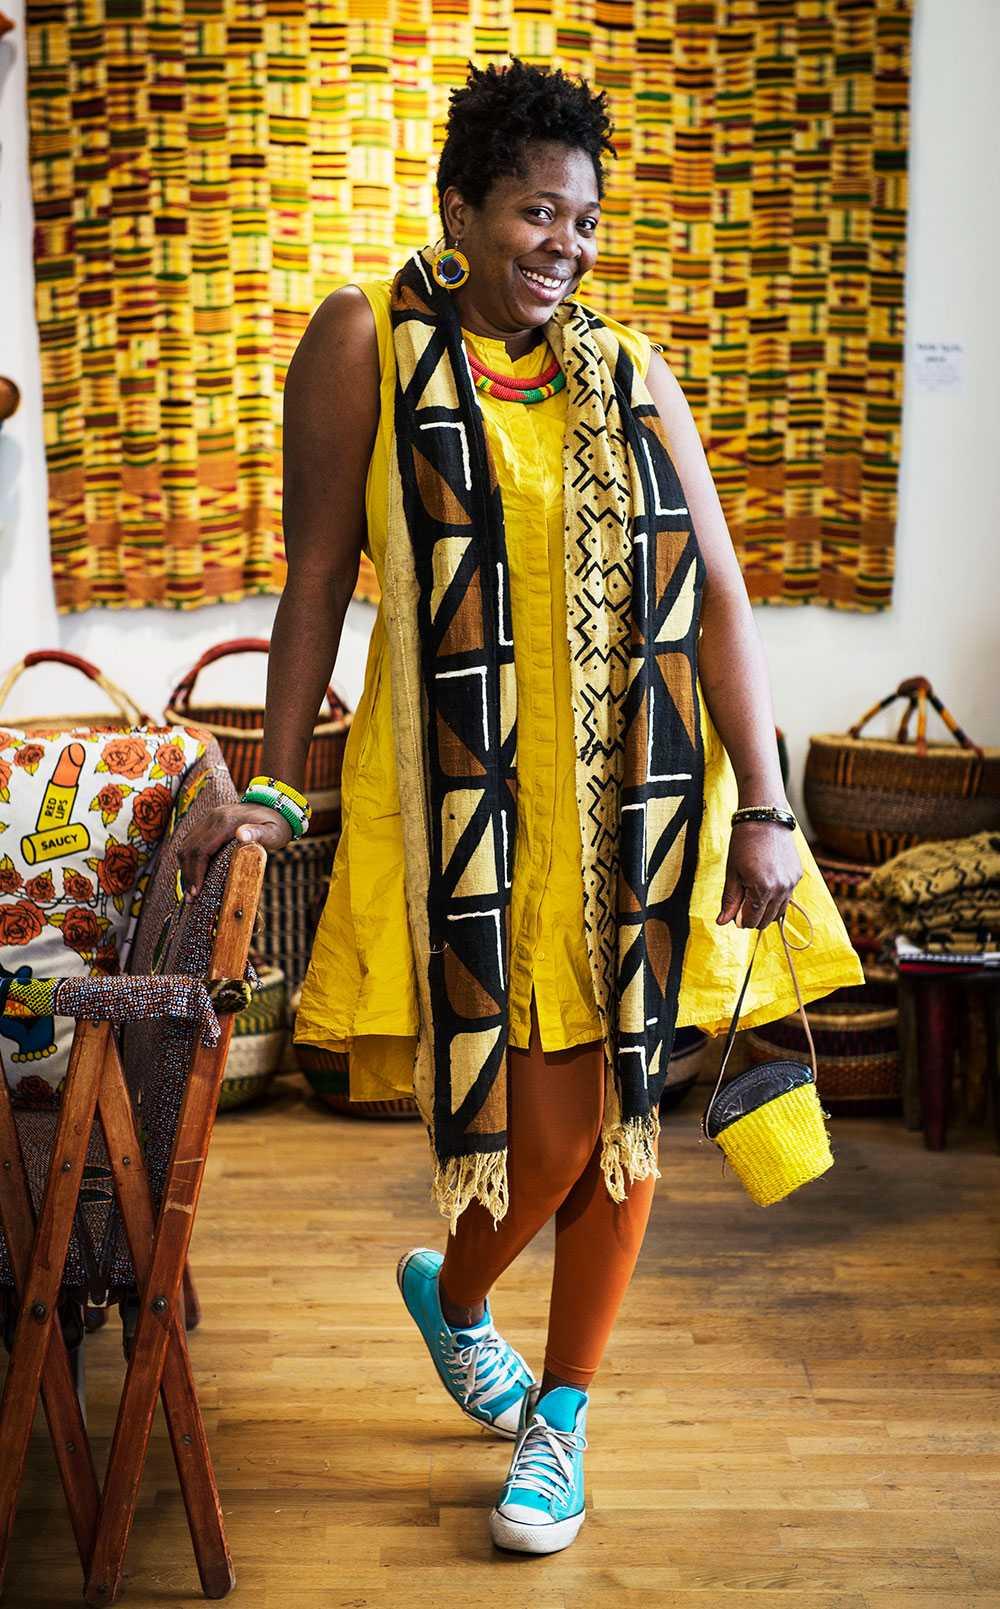 """FÄRGÄLSKARE  Funmi Peters från Nigeria driver sedan tre år tillbaka butiken Colours of Africa i Stockholm. """"Där jag kommer ifrån, betyder färger väldigt mycket. Folk vill ha uppmärksamhet och klär sig i mönstrade färgglada kläder. Du ser nästan aldrig någon gå klädd i svart, förutom när de har sorg"""", säger hon."""